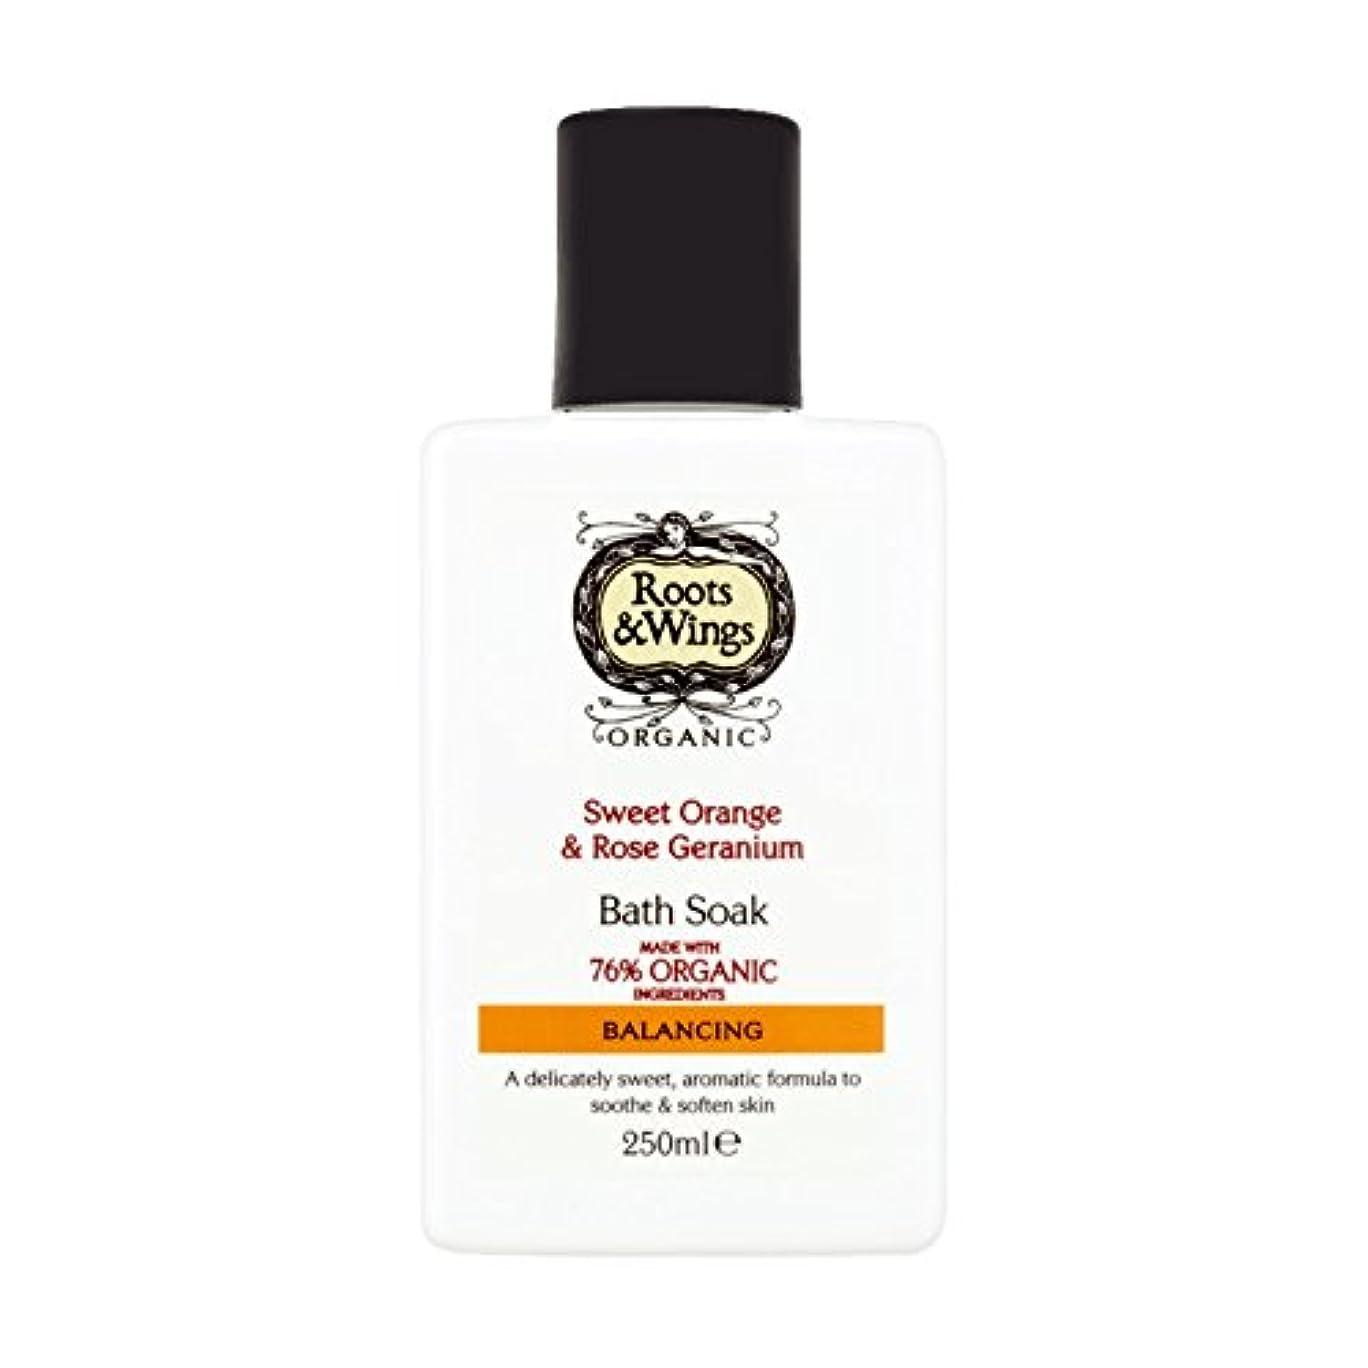 前投薬意気揚々仮説Roots & Wings Bath Soak Sweet Orange & Rose Geranium 250ml (Pack of 6) - ルーツ&翼バス甘いオレンジを浸し&ゼラニウム250ミリリットルをバラ (x6...